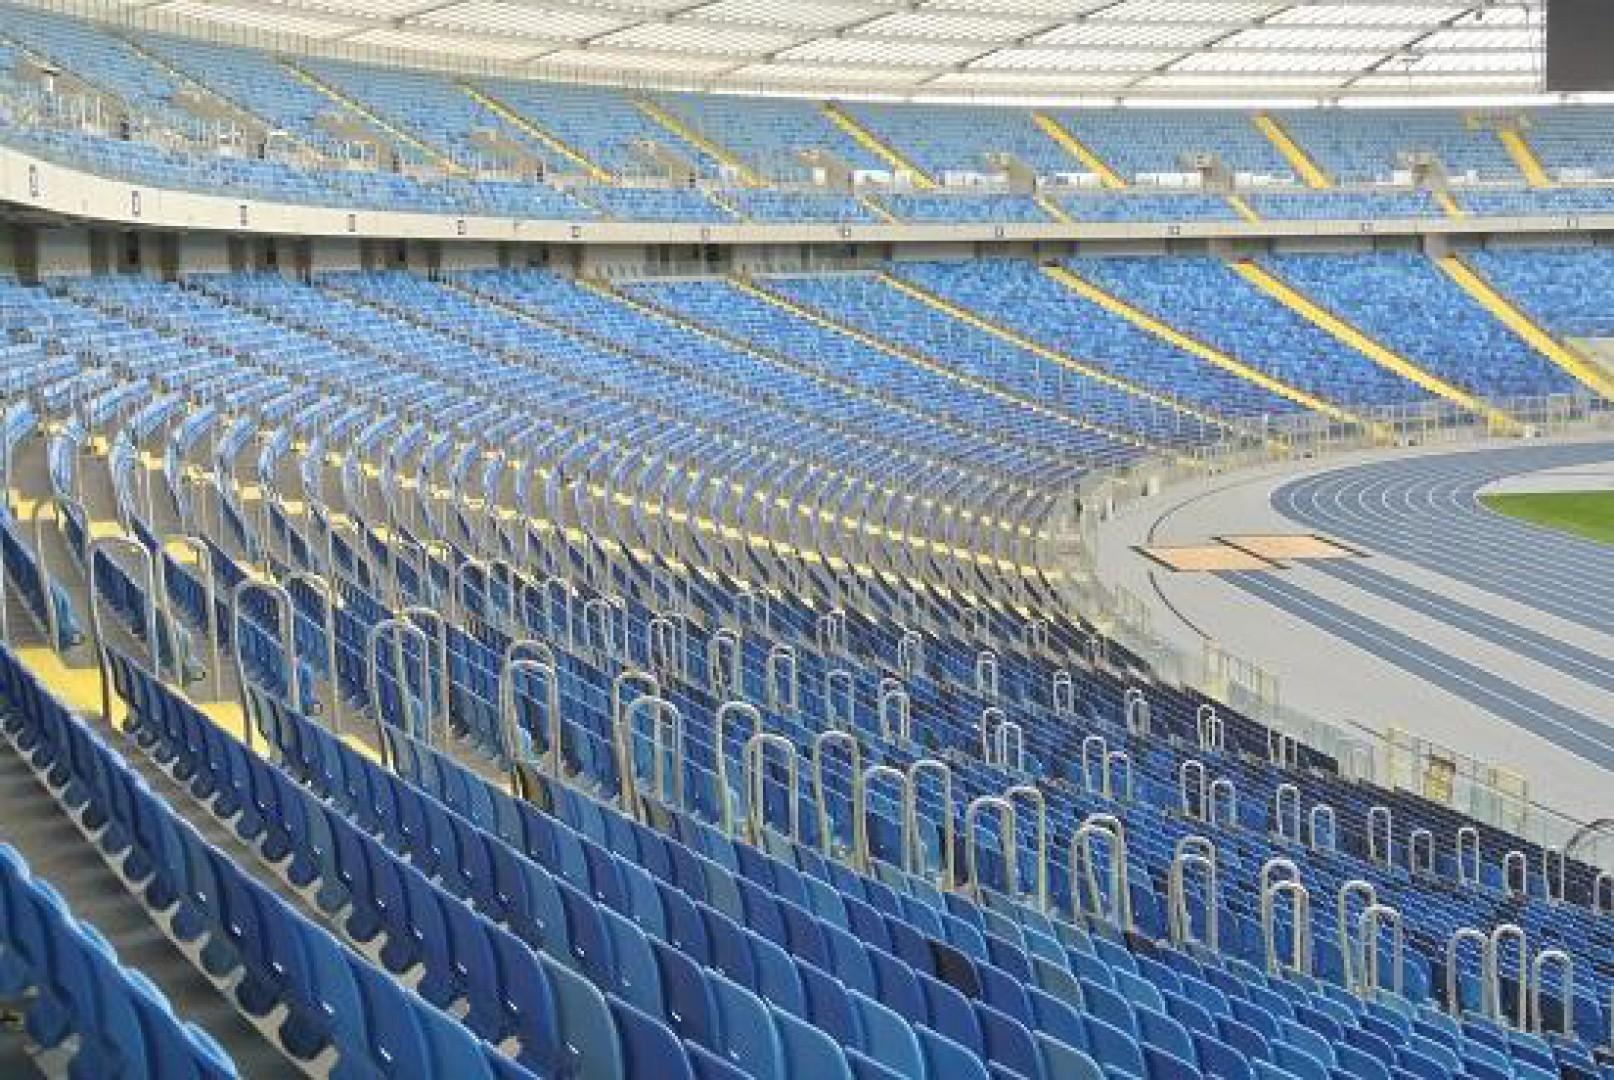 Stadion Śląski w Chorzowie. Fot. Archiwum Stadion Śląski/UMWŚ T. Żak